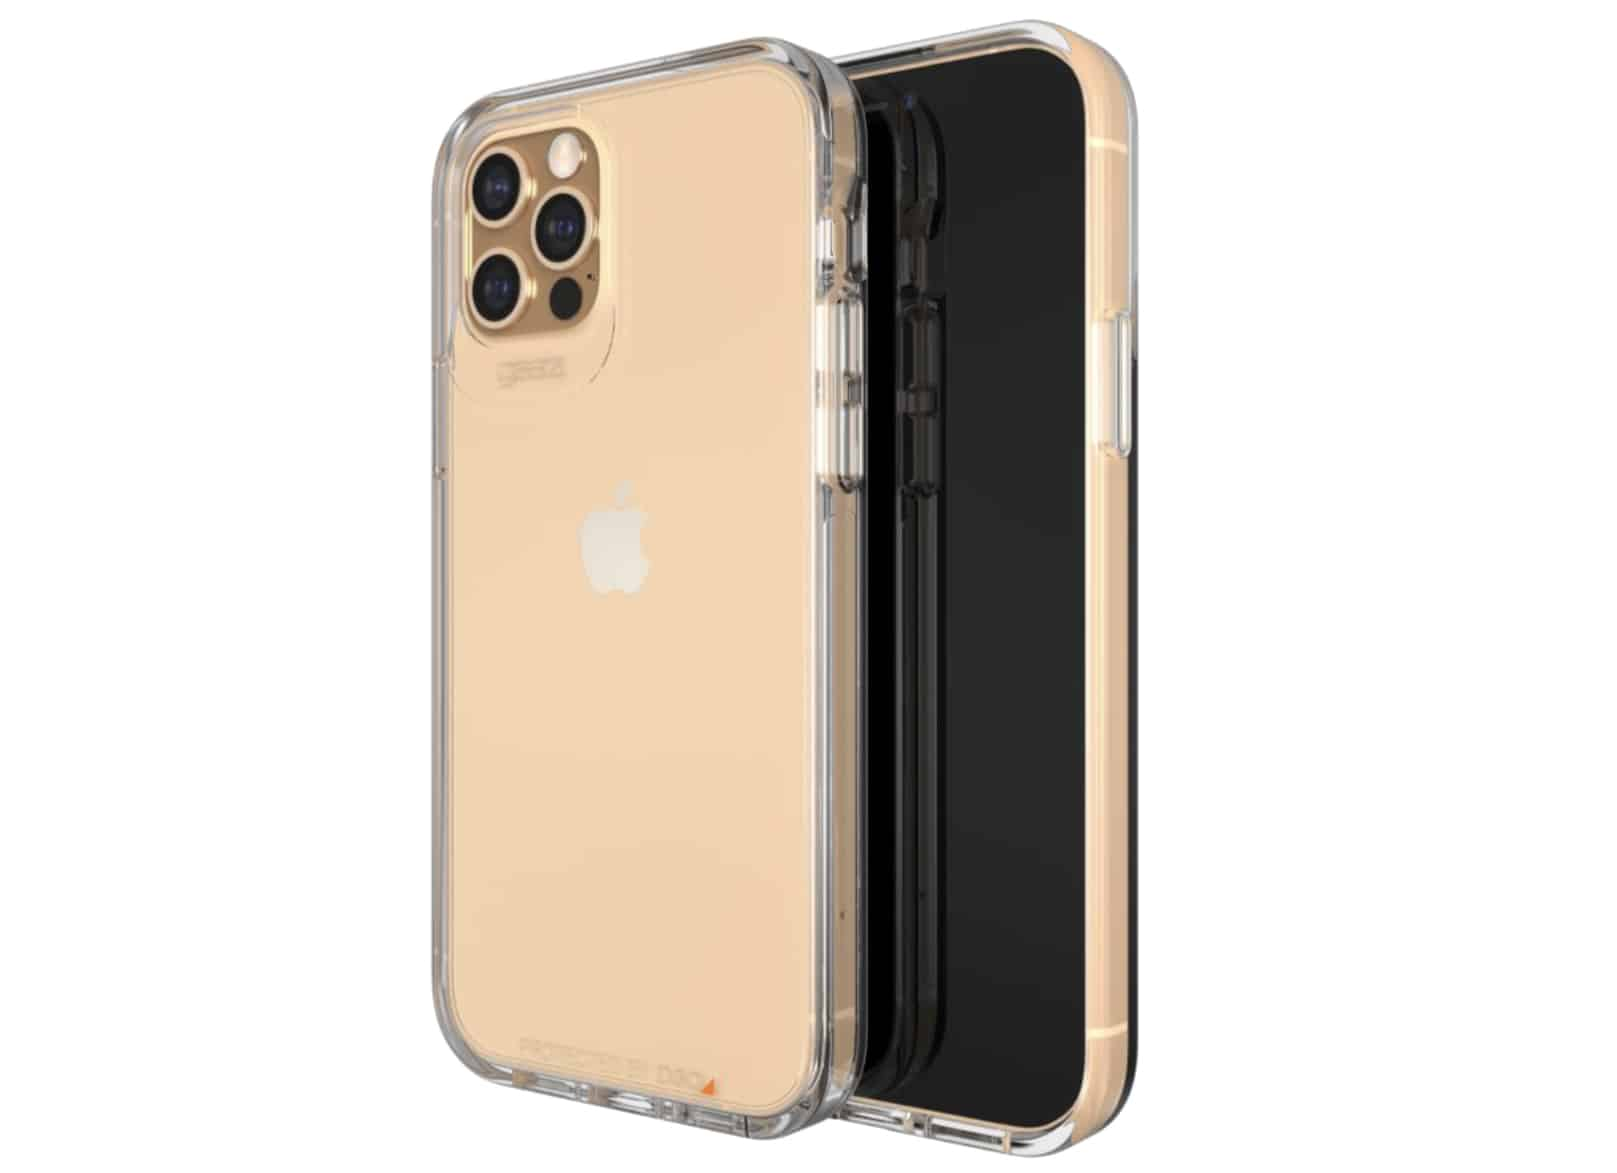 Accesorios para el iPhone 12